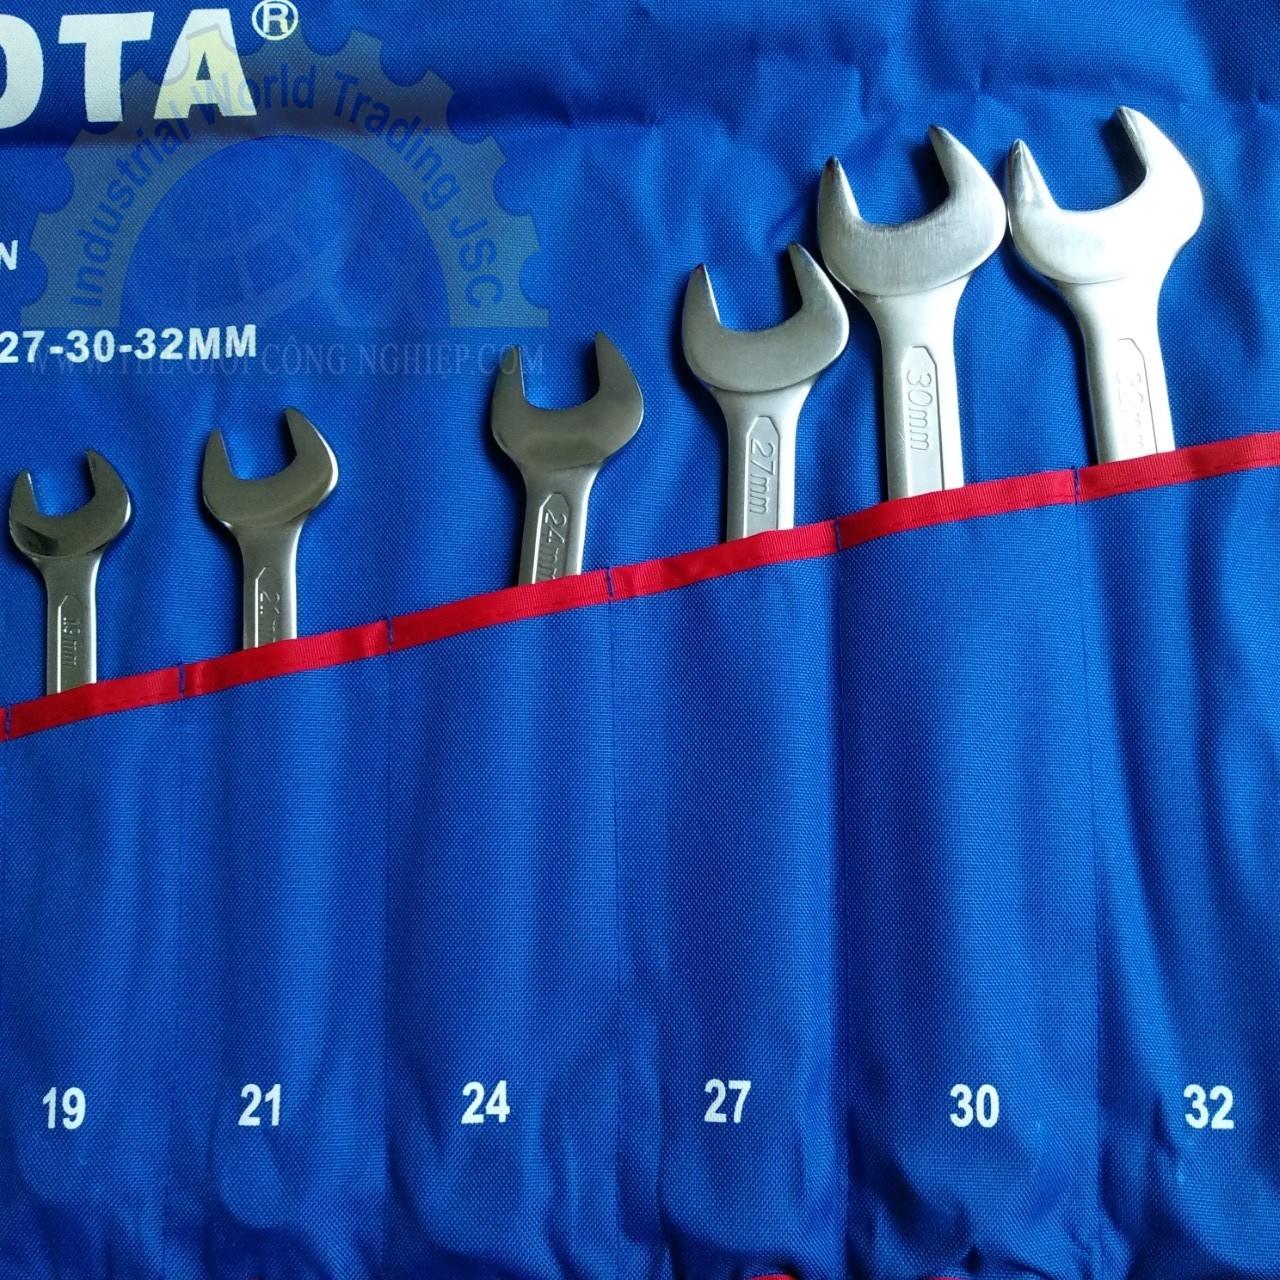 Bộ Cờ Lê Vòng Và Miệng 8-32mm  AWT-ERSK05A Licota